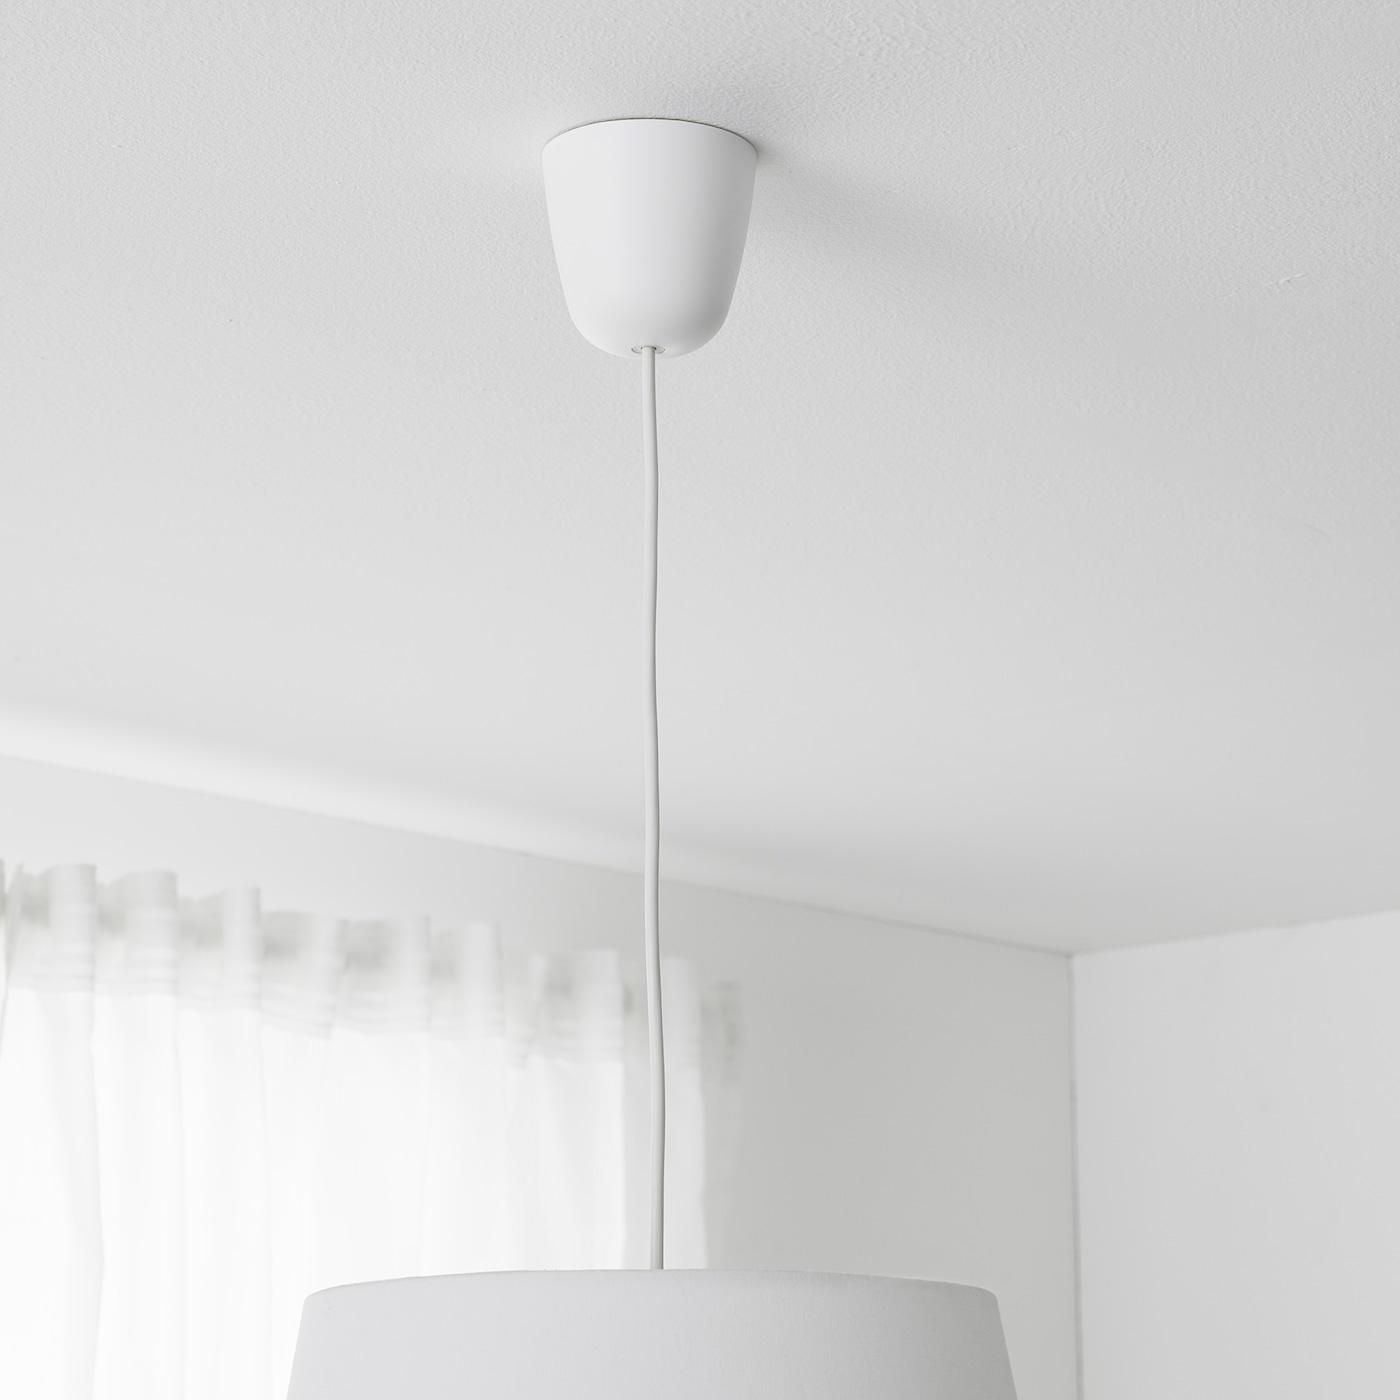 ikea lampen distanz aufhänger